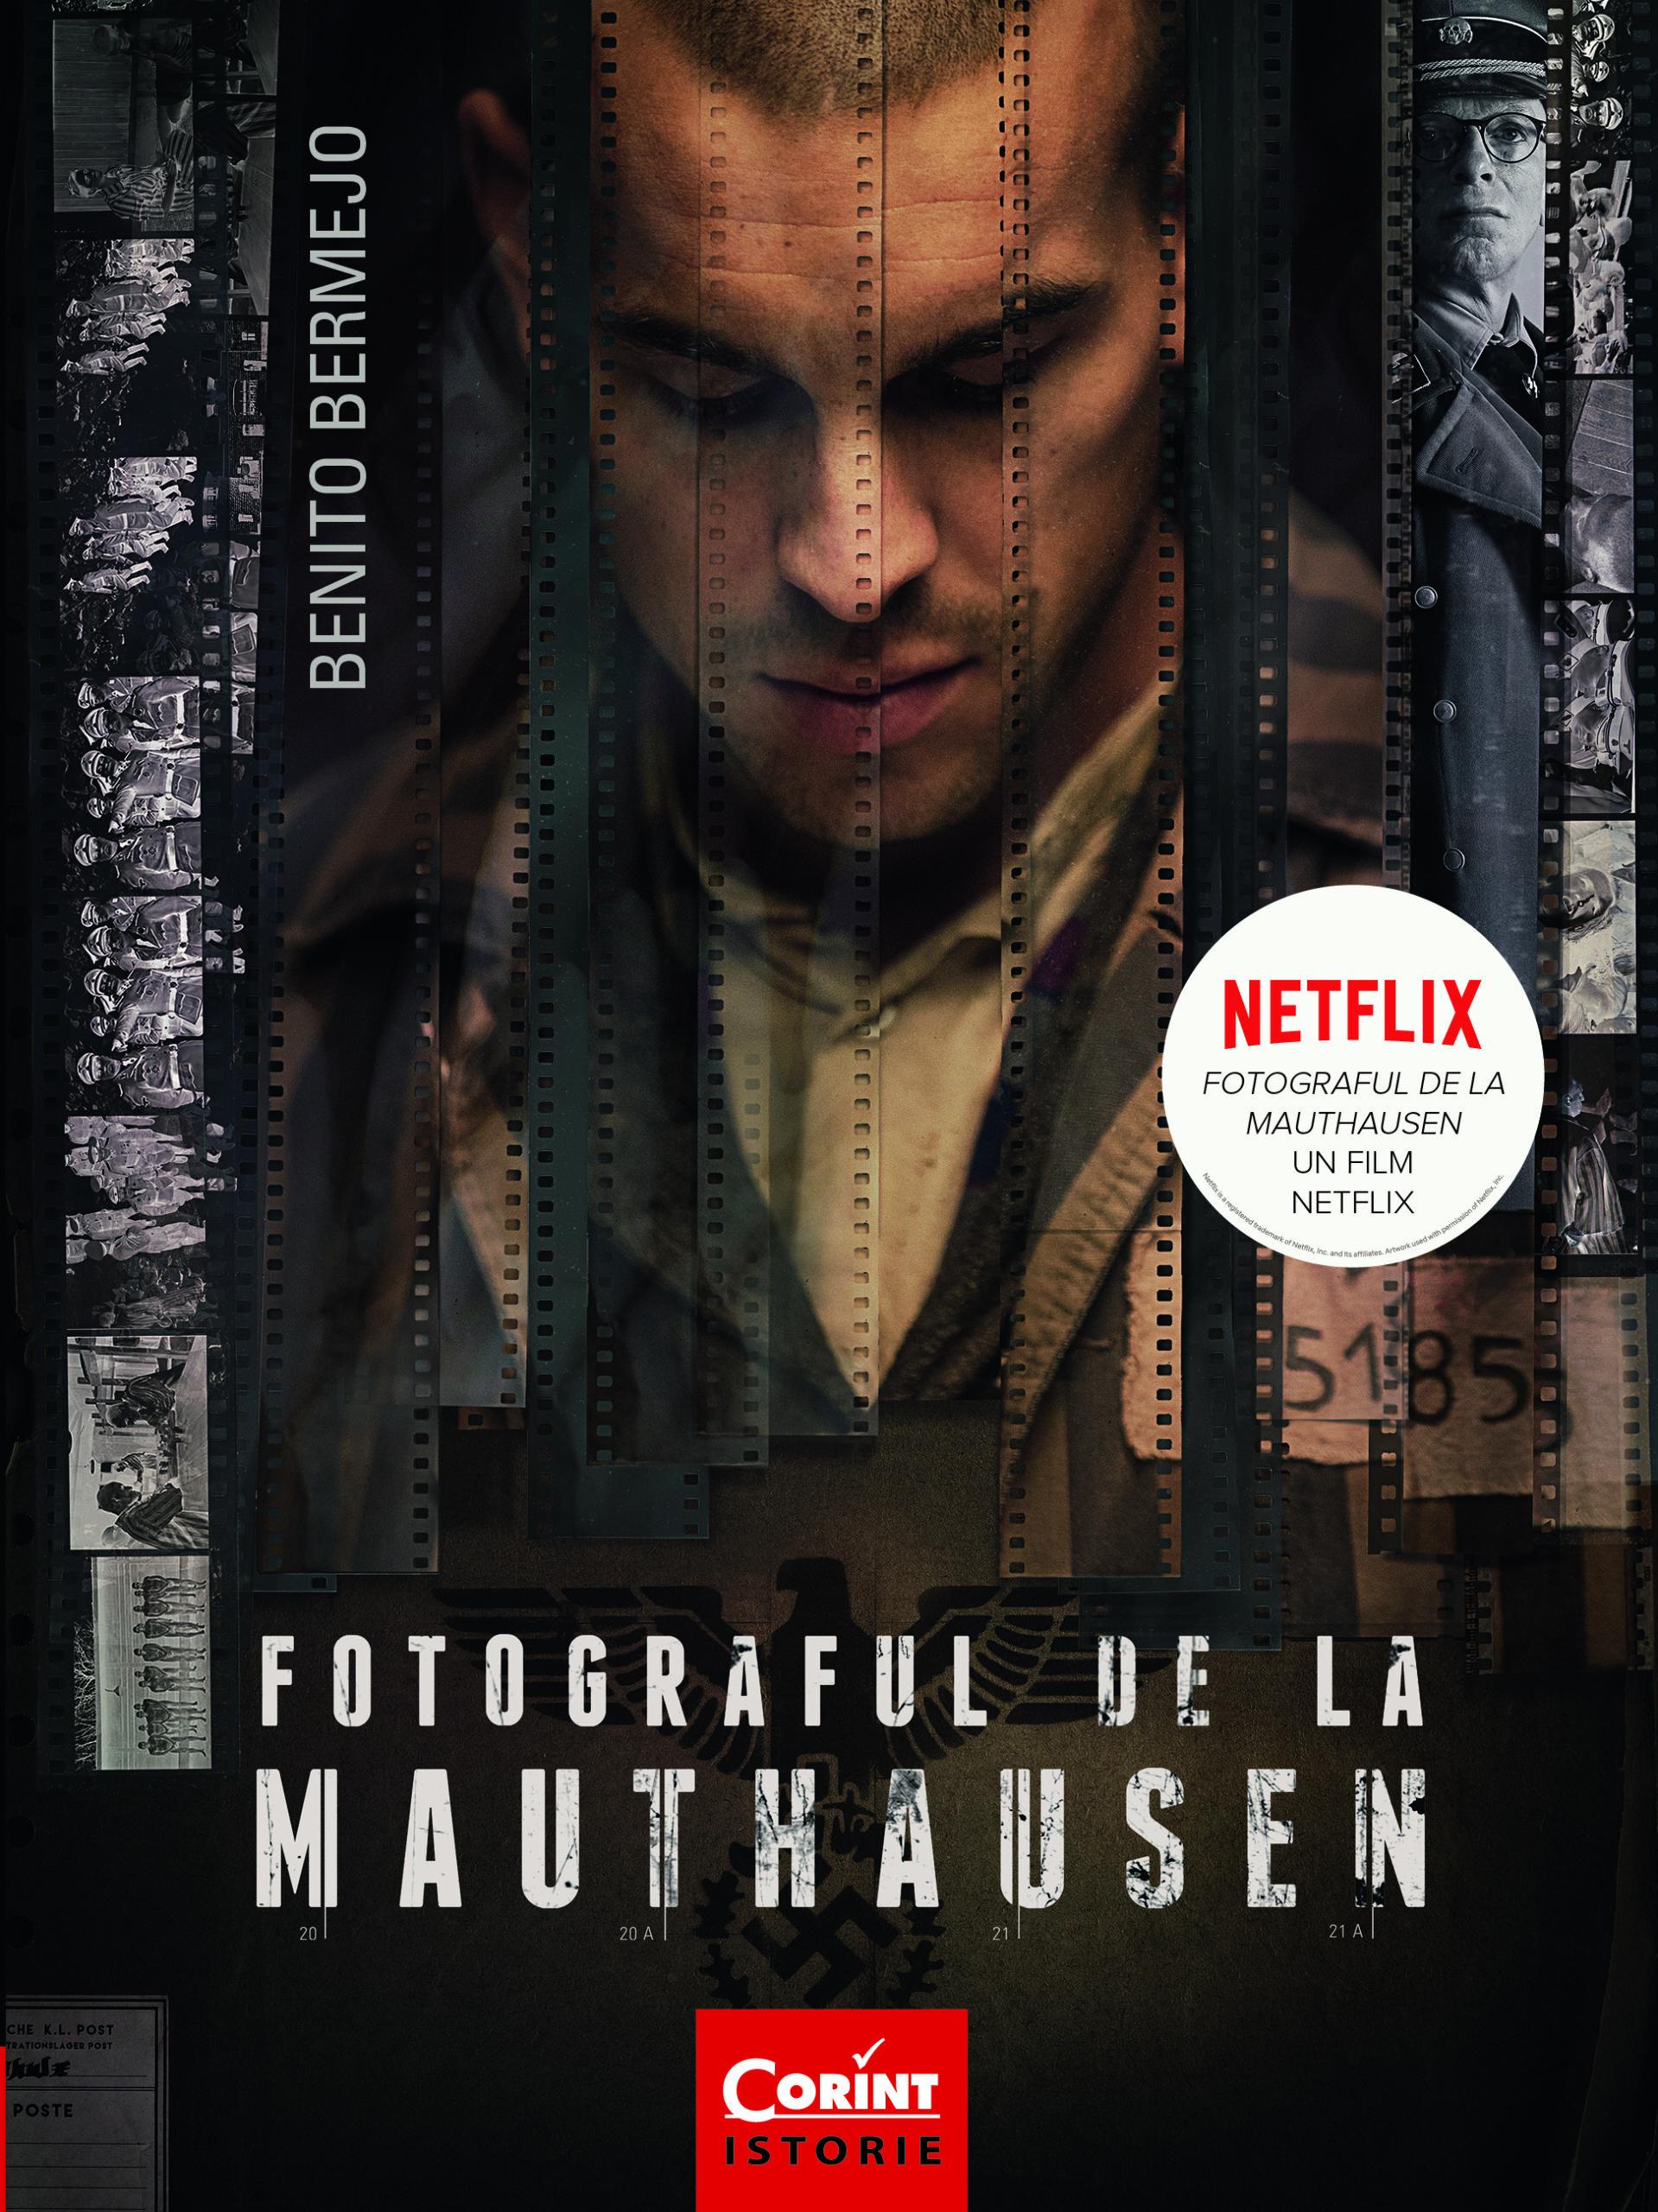 Fotograful de la Mauthausen și dovezile cutremurătoare ale atrocităților naziste